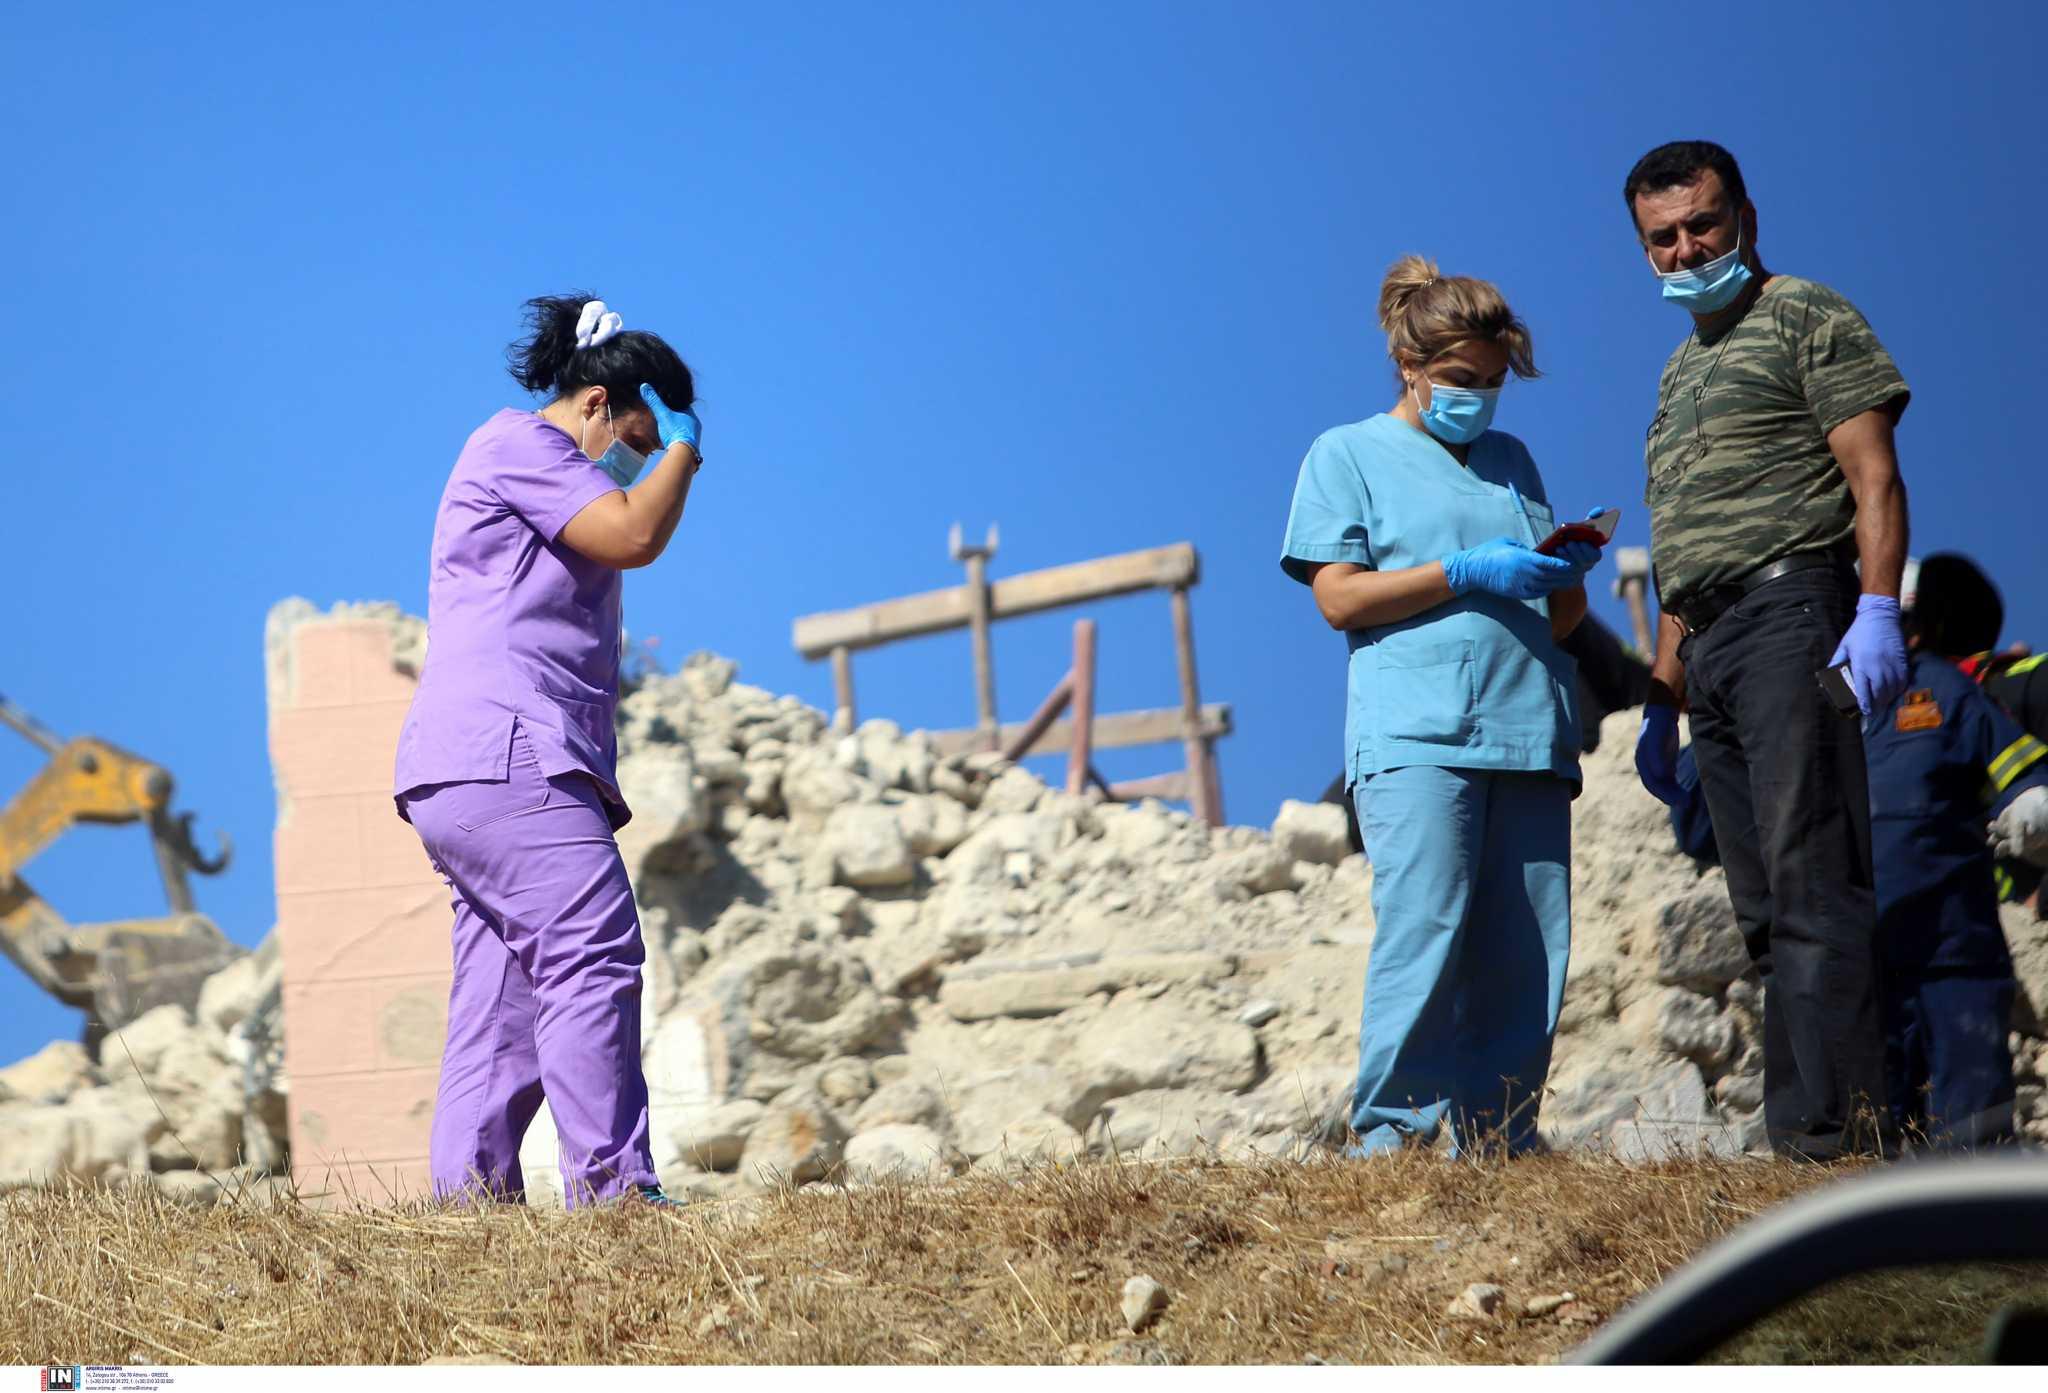 Σεισμός στην Κρήτη νεκρός 62χρονος